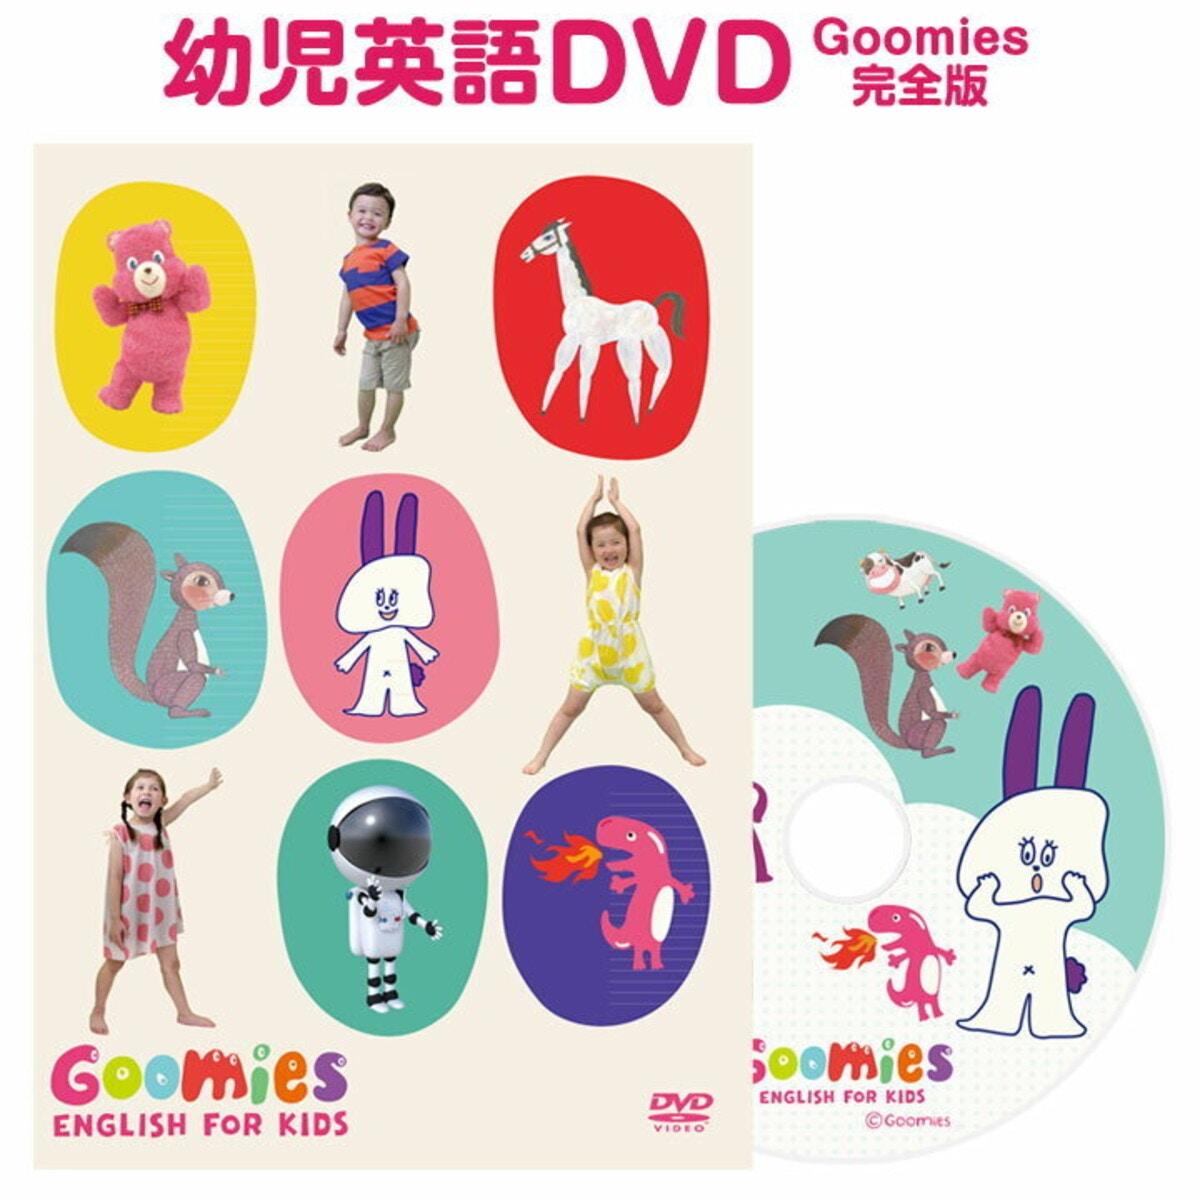 幼児英語 DVD Goomies English for Kids グーミーズ